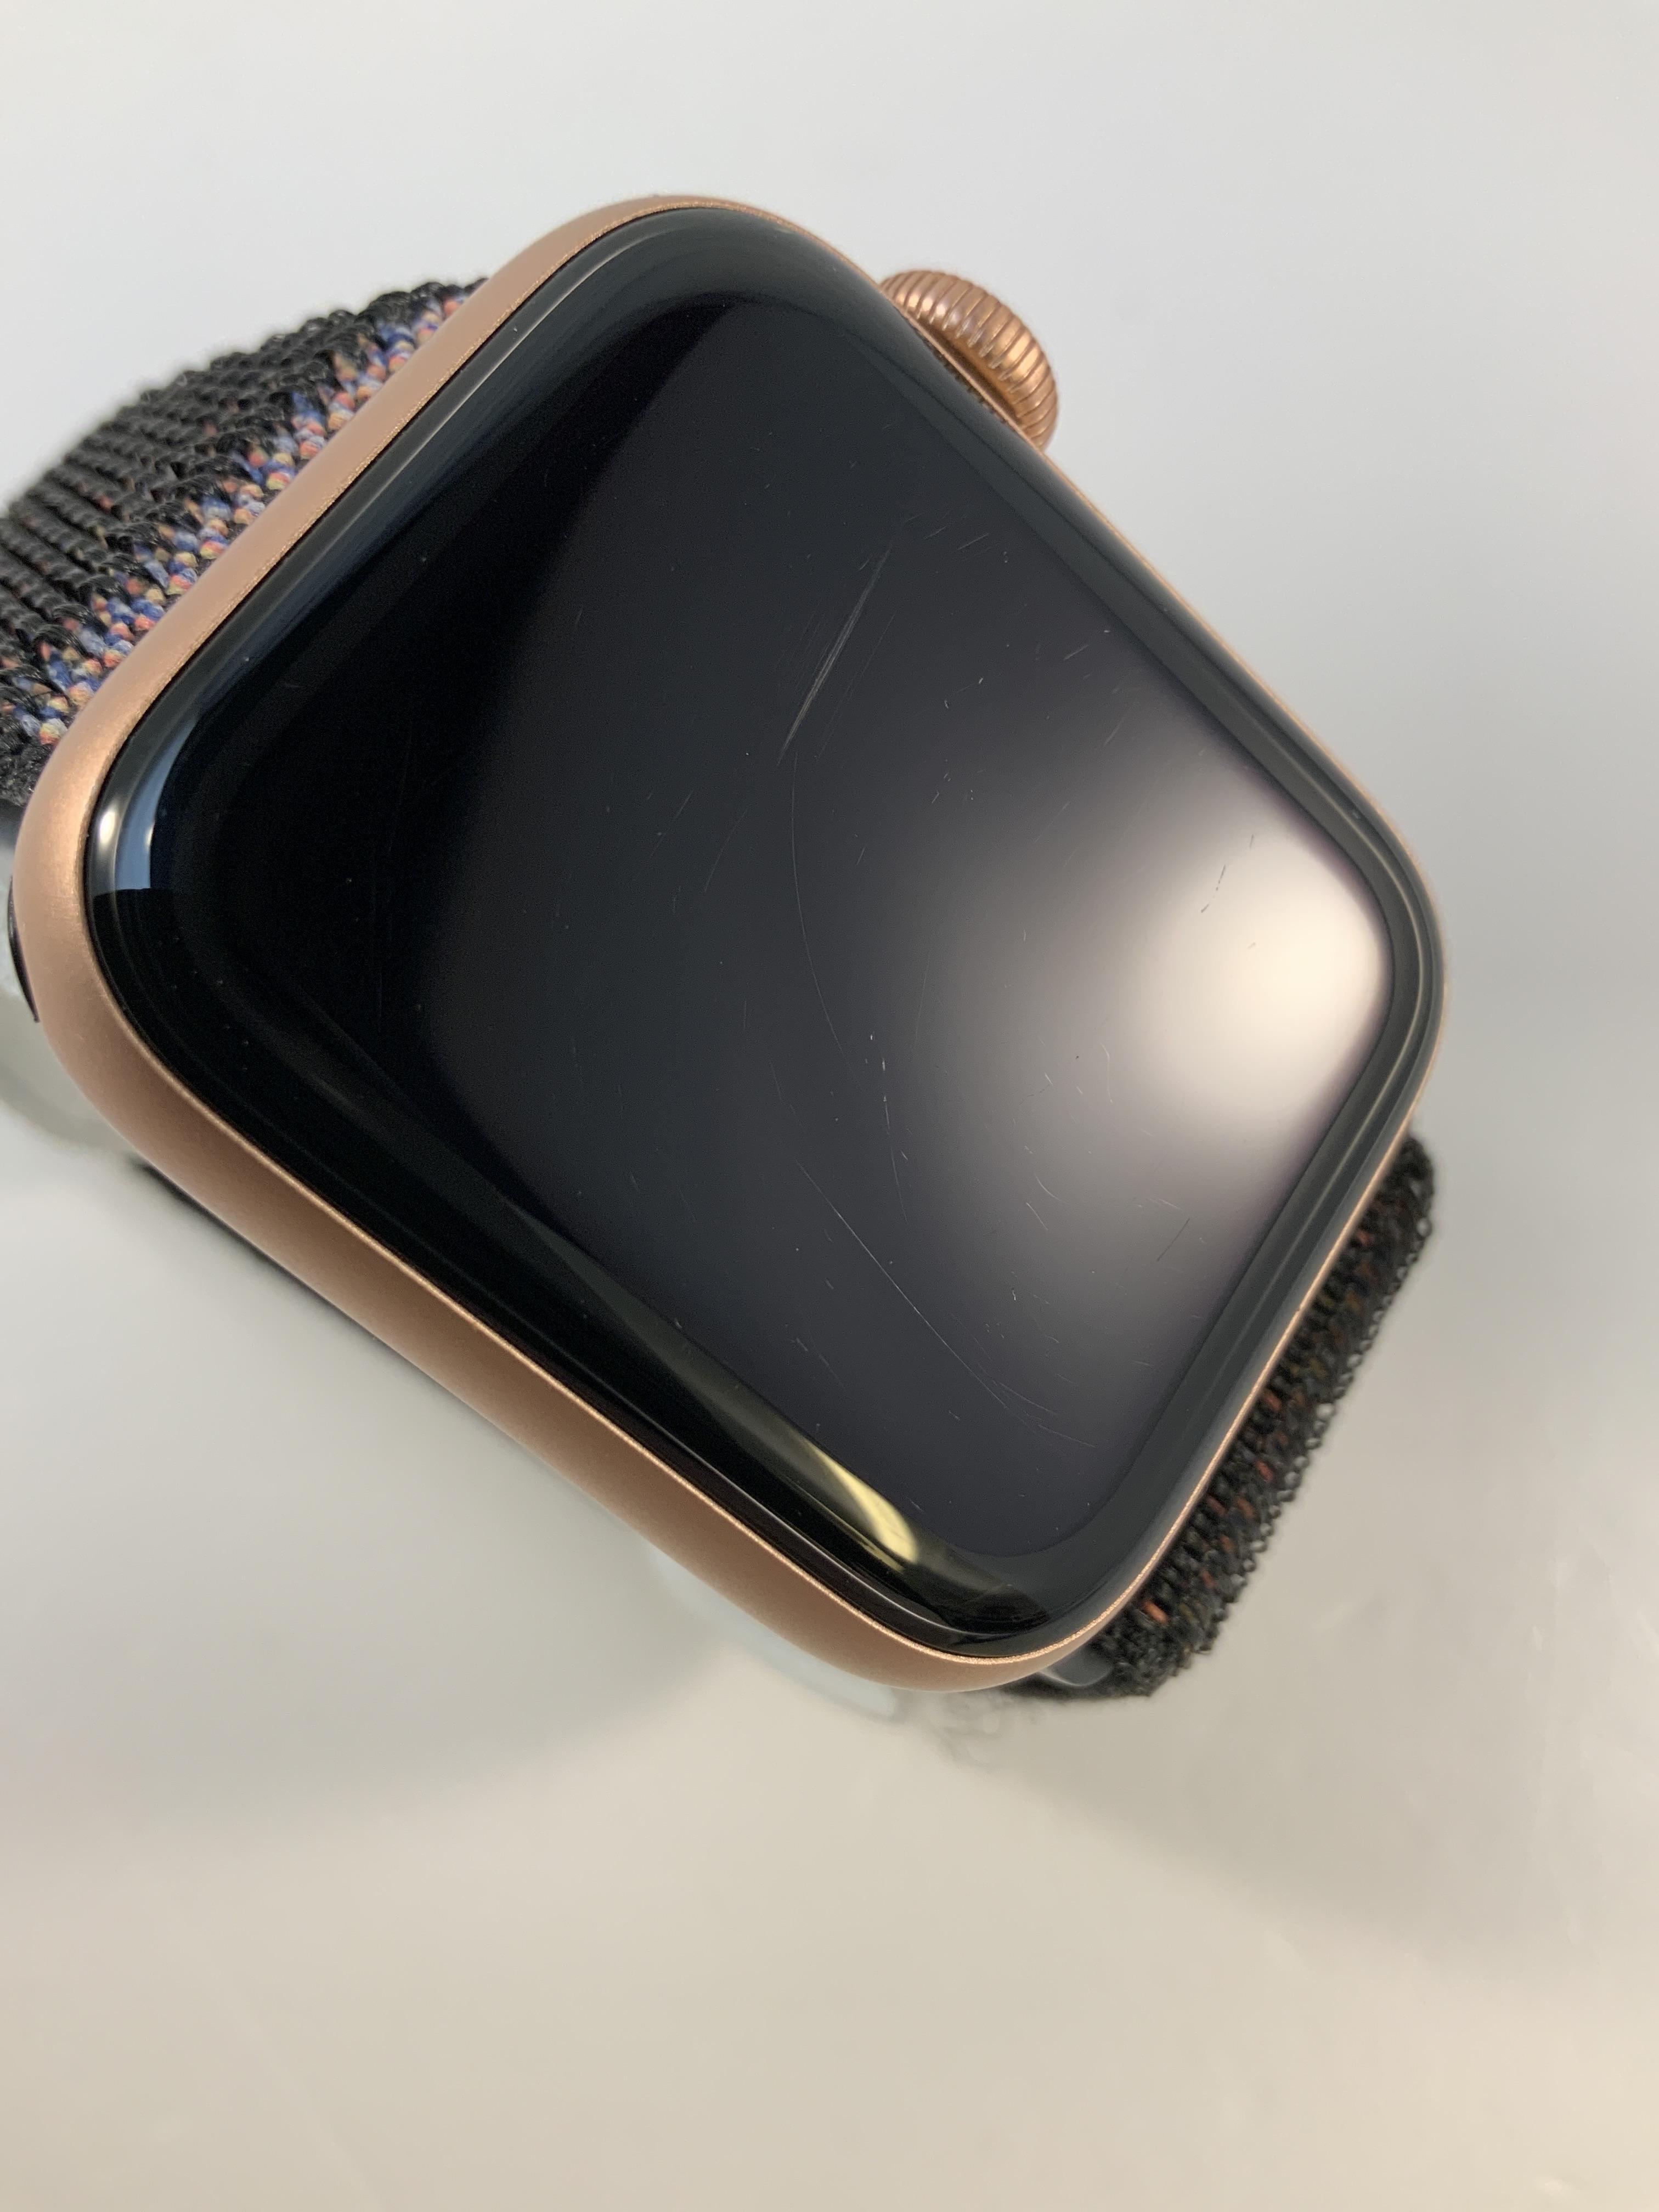 Watch Series 5 Aluminum Cellular (40mm), Gold, bild 2